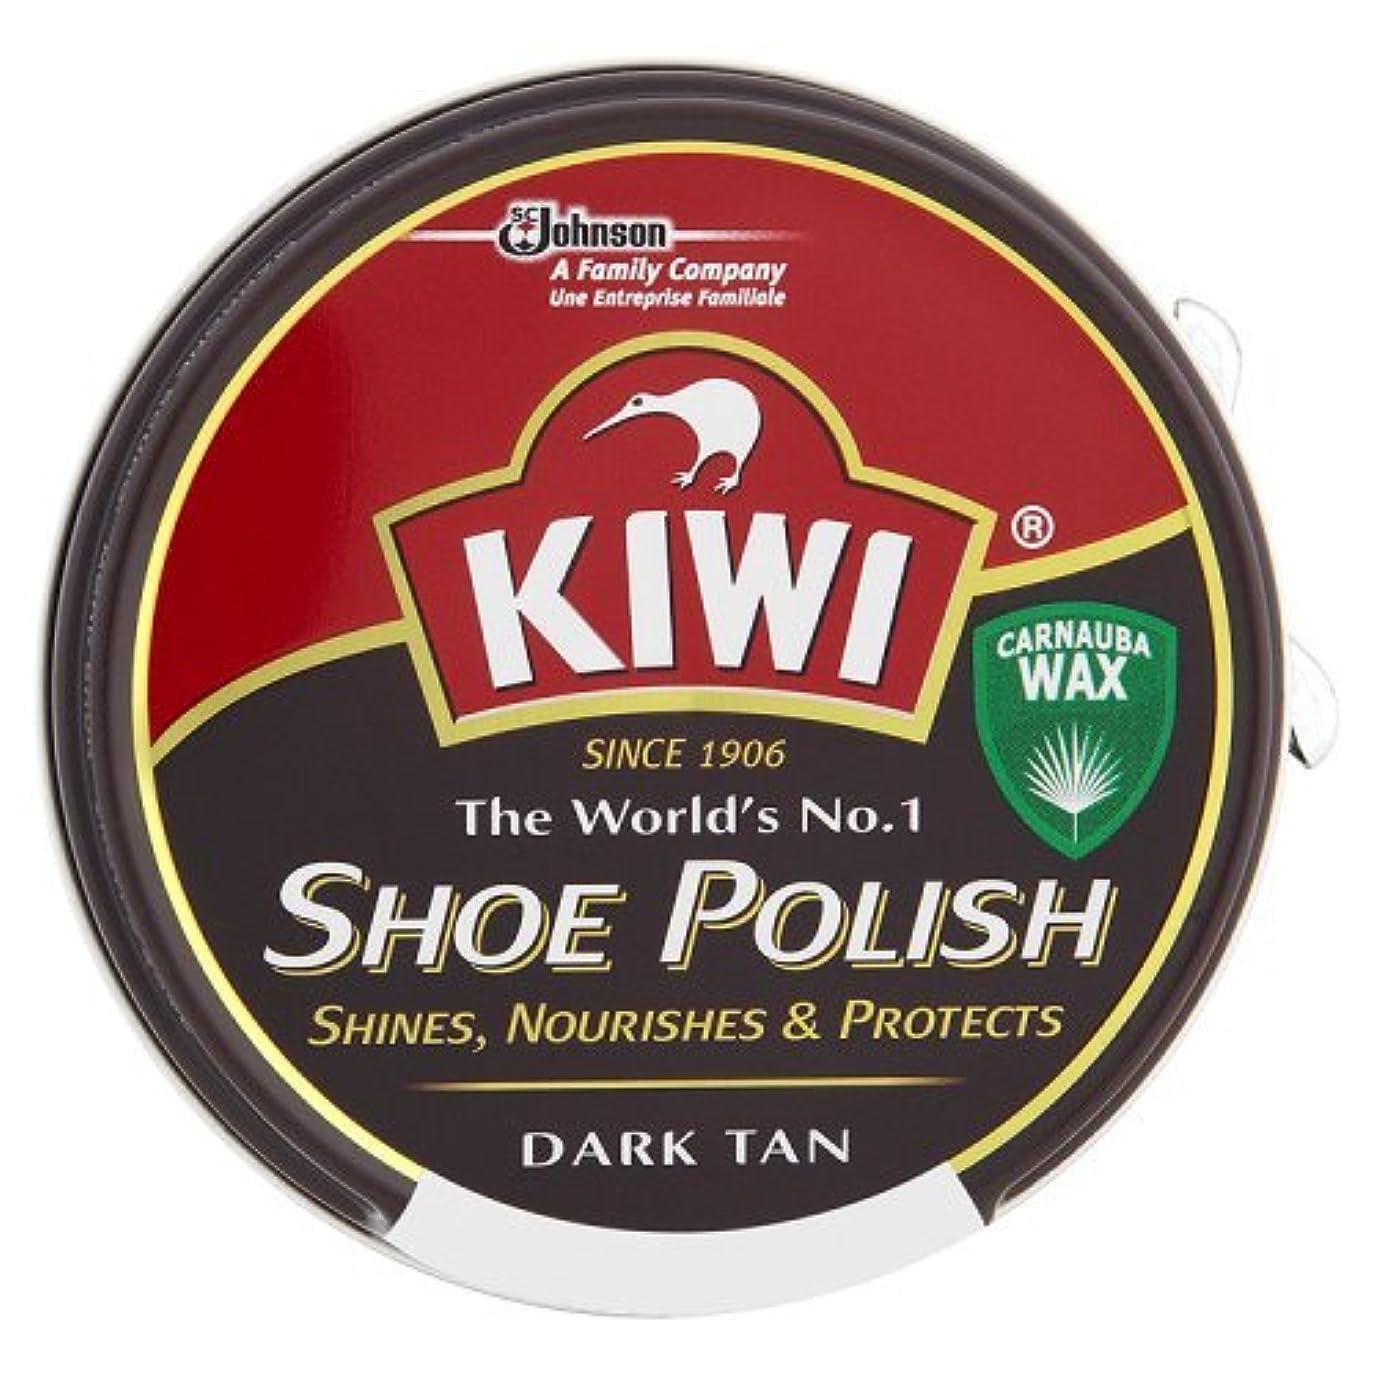 オーストラリア人くぼみ単なるキィウイ 靴クリーム 中缶 濃茶色(ダークタン) 50ml